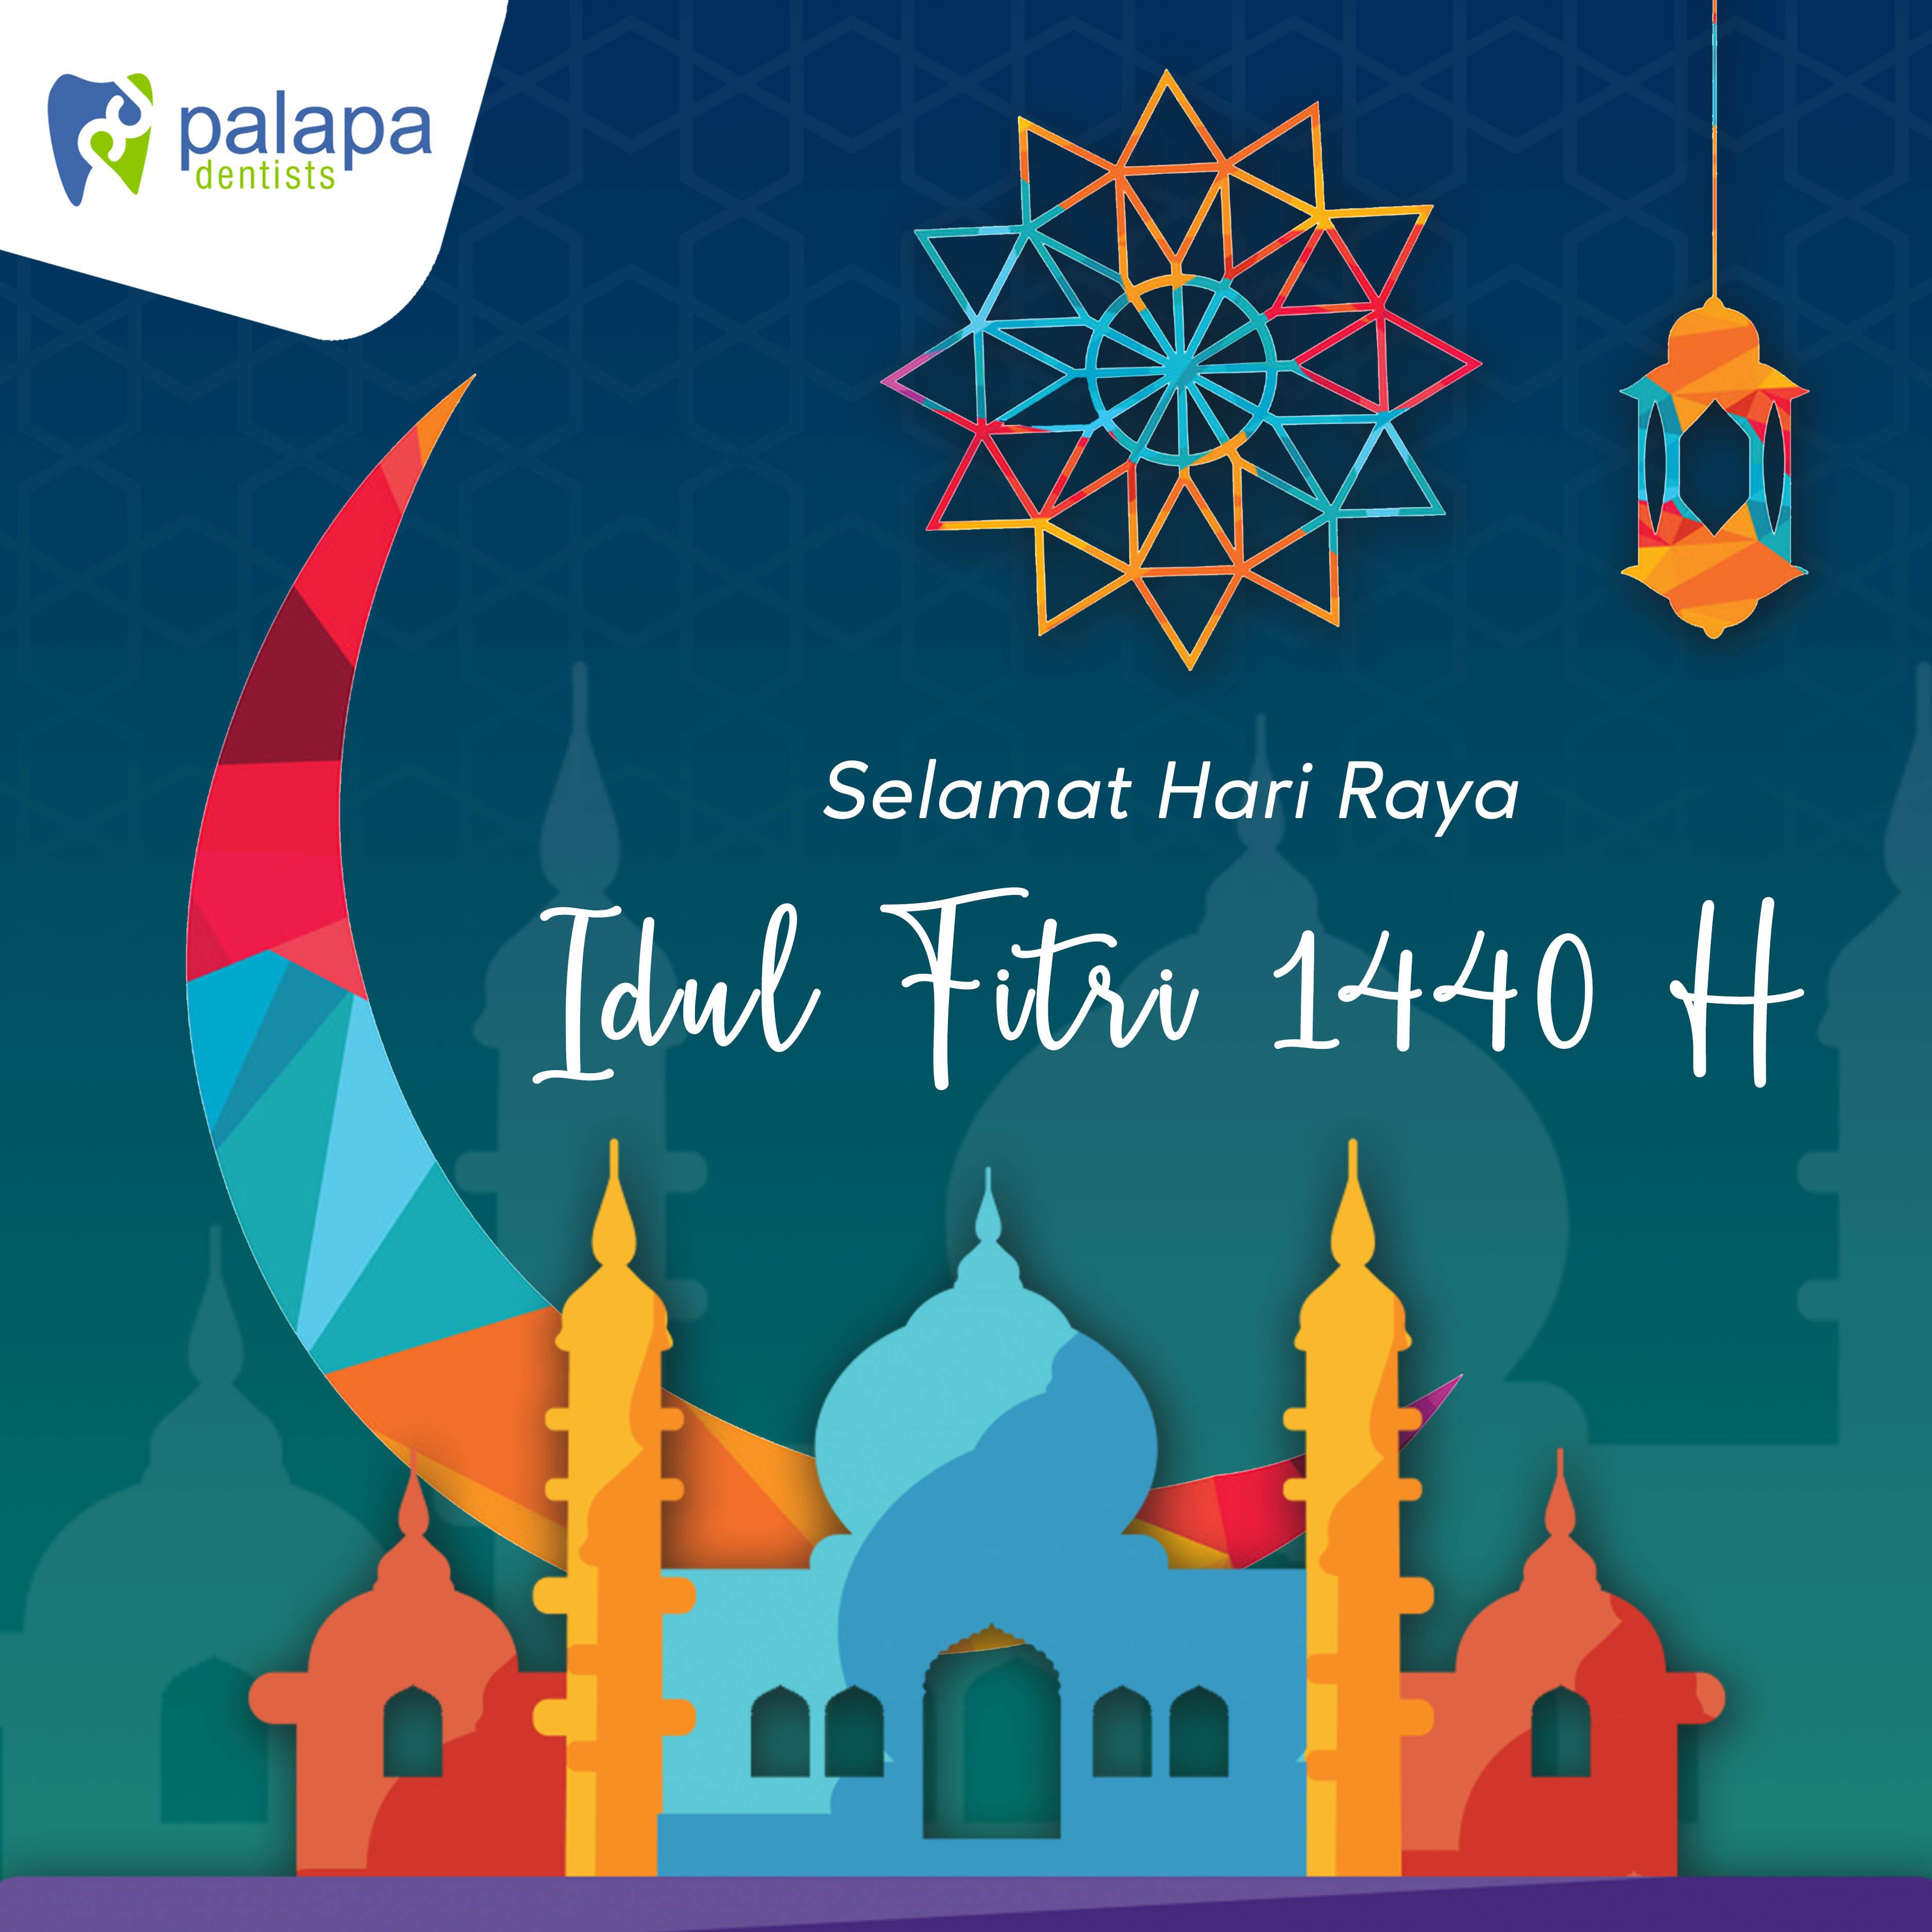 Selamat Hari Raya Idul Fitri: Selamat Hari Raya Idul Fitri 1440 H